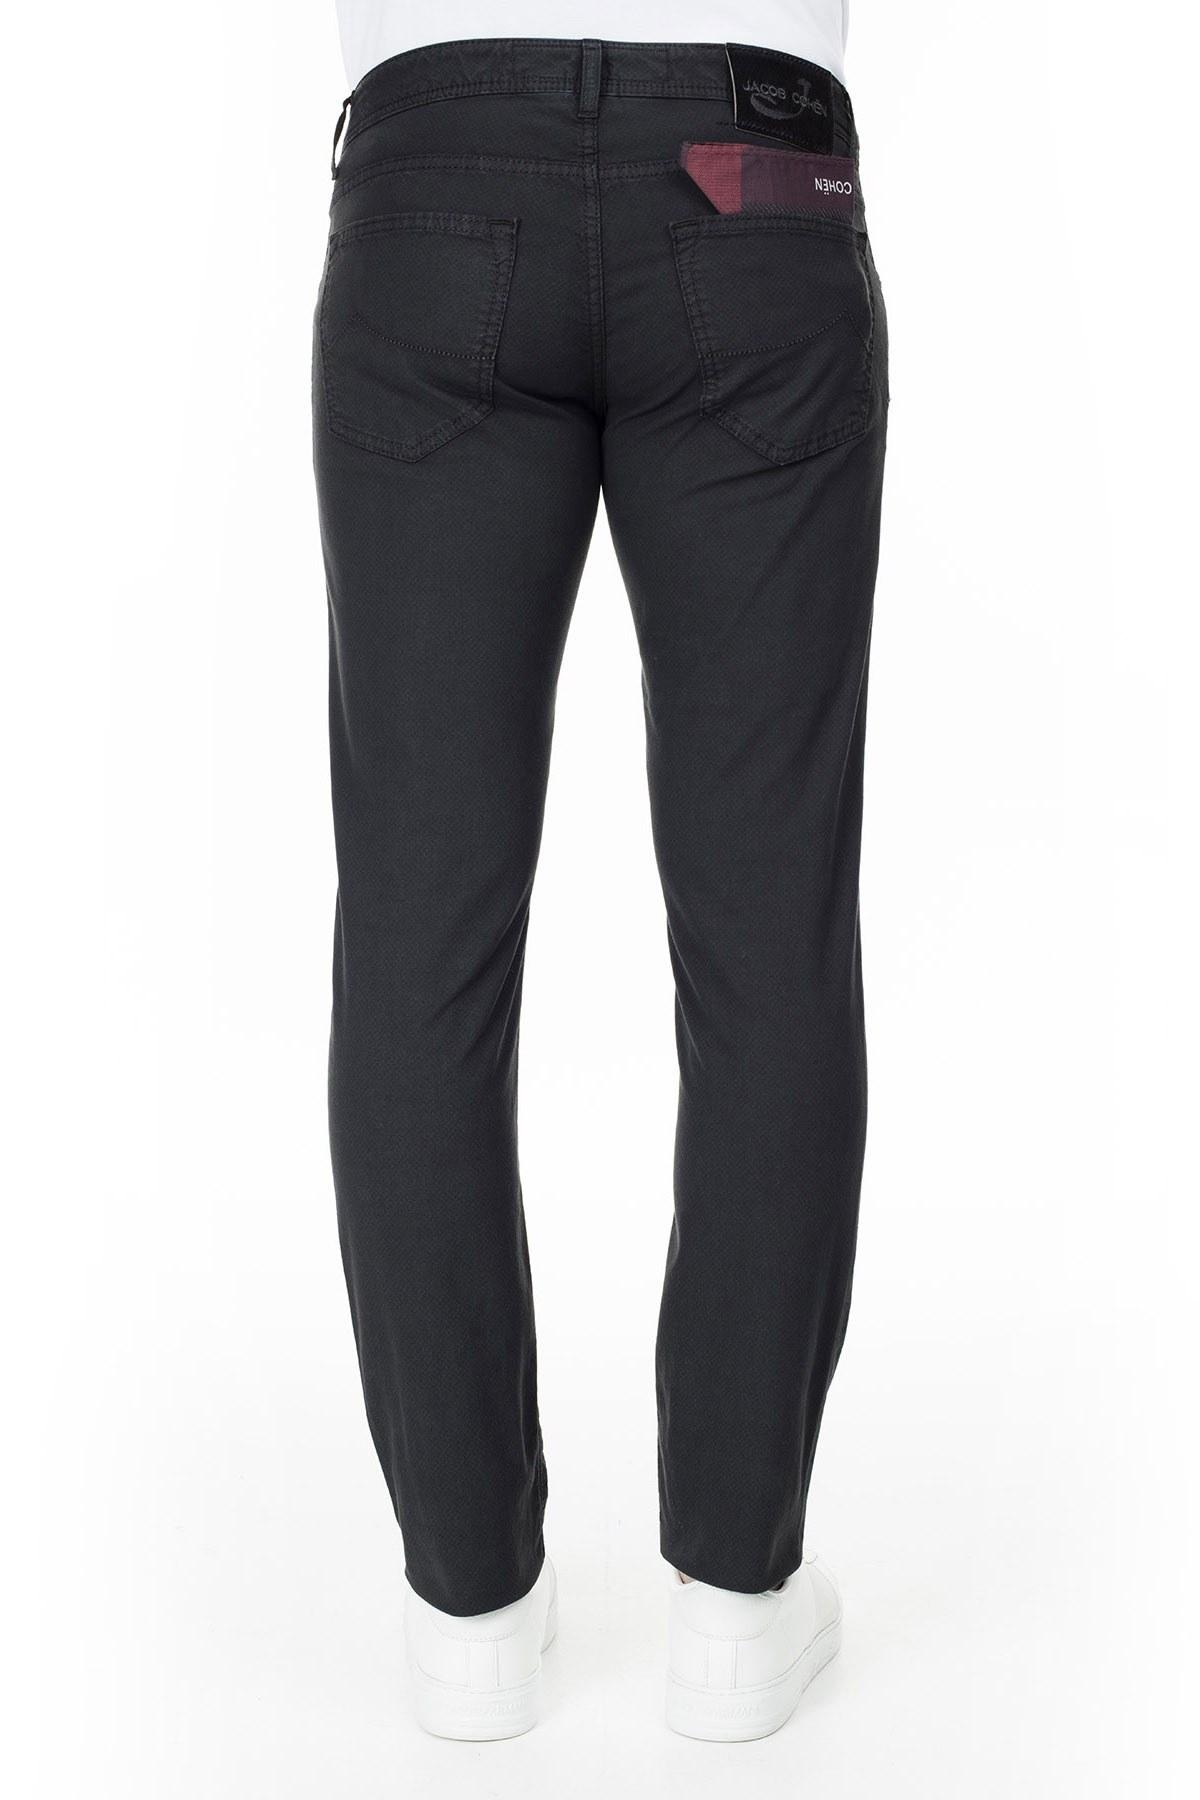 Jacob Cohen Jeans Erkek Pamuklu Pantolon J622 SLIM 1838S 990 SİYAH